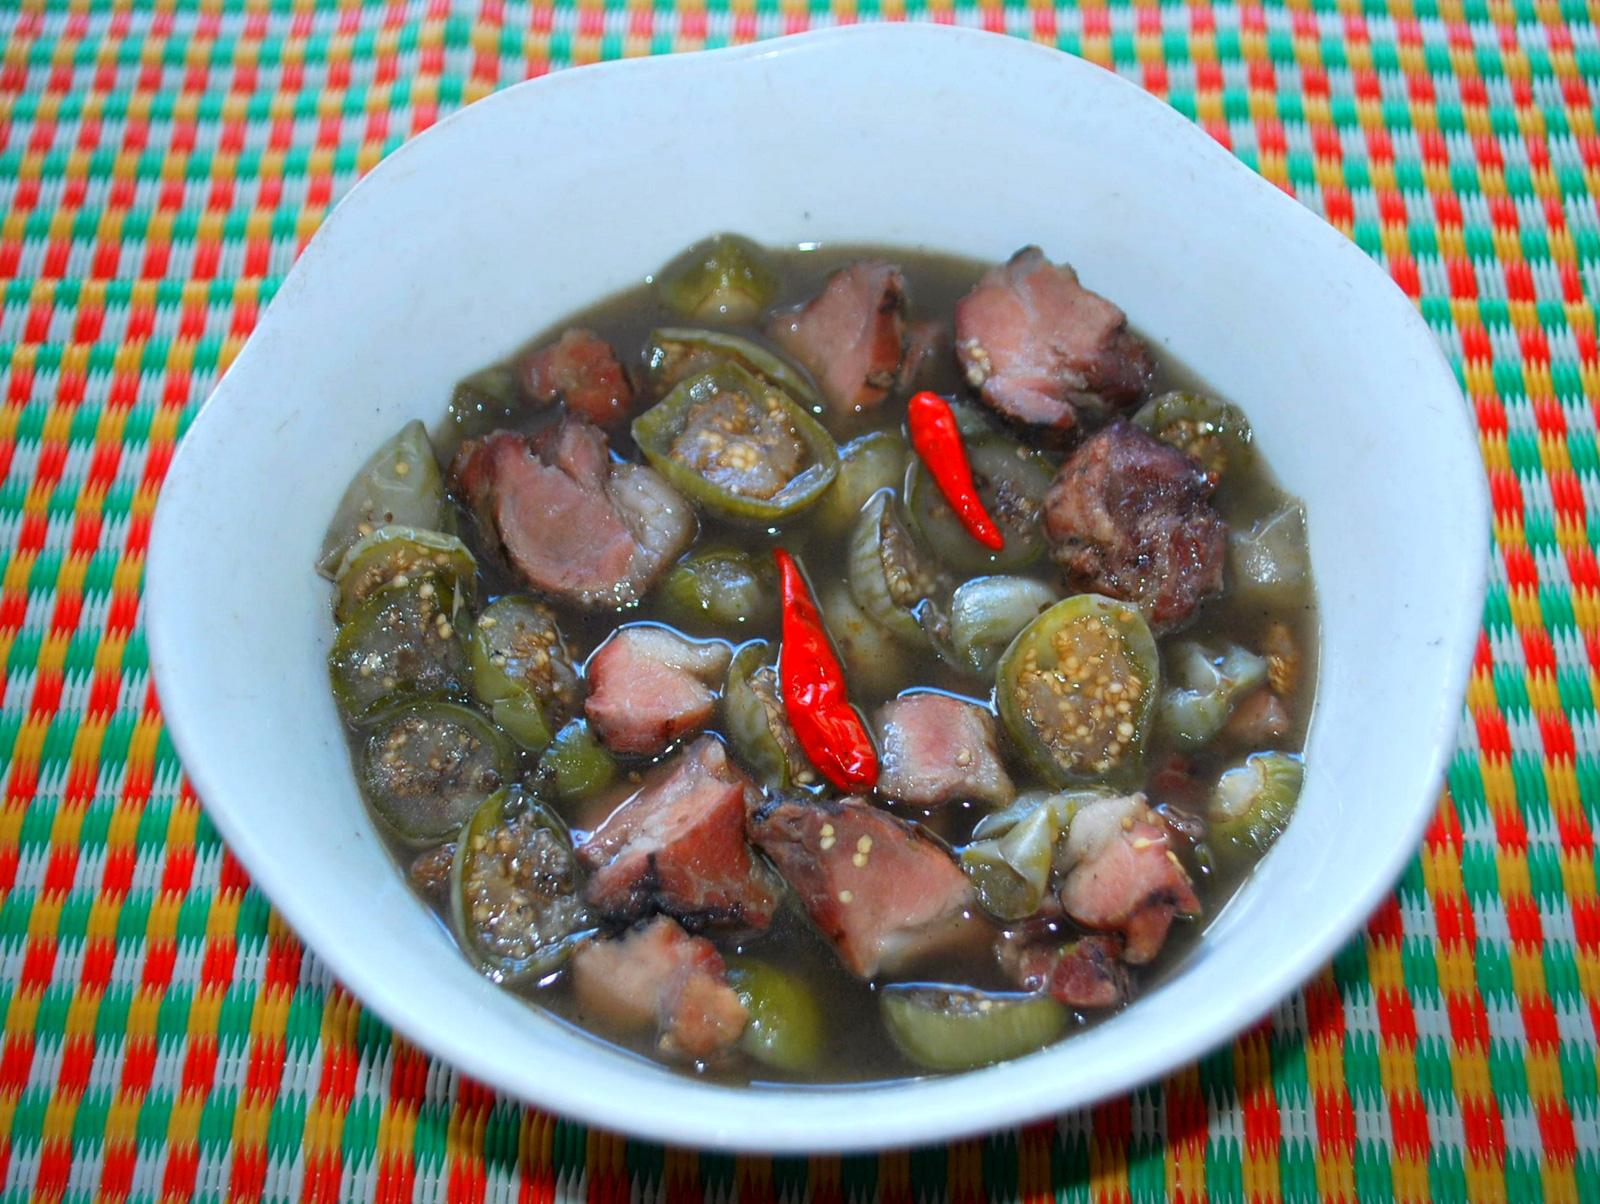 Kể chuyện làng: Lên Trường Sơn ăn món cà đắng của người Cơ Tu - Ảnh 6.